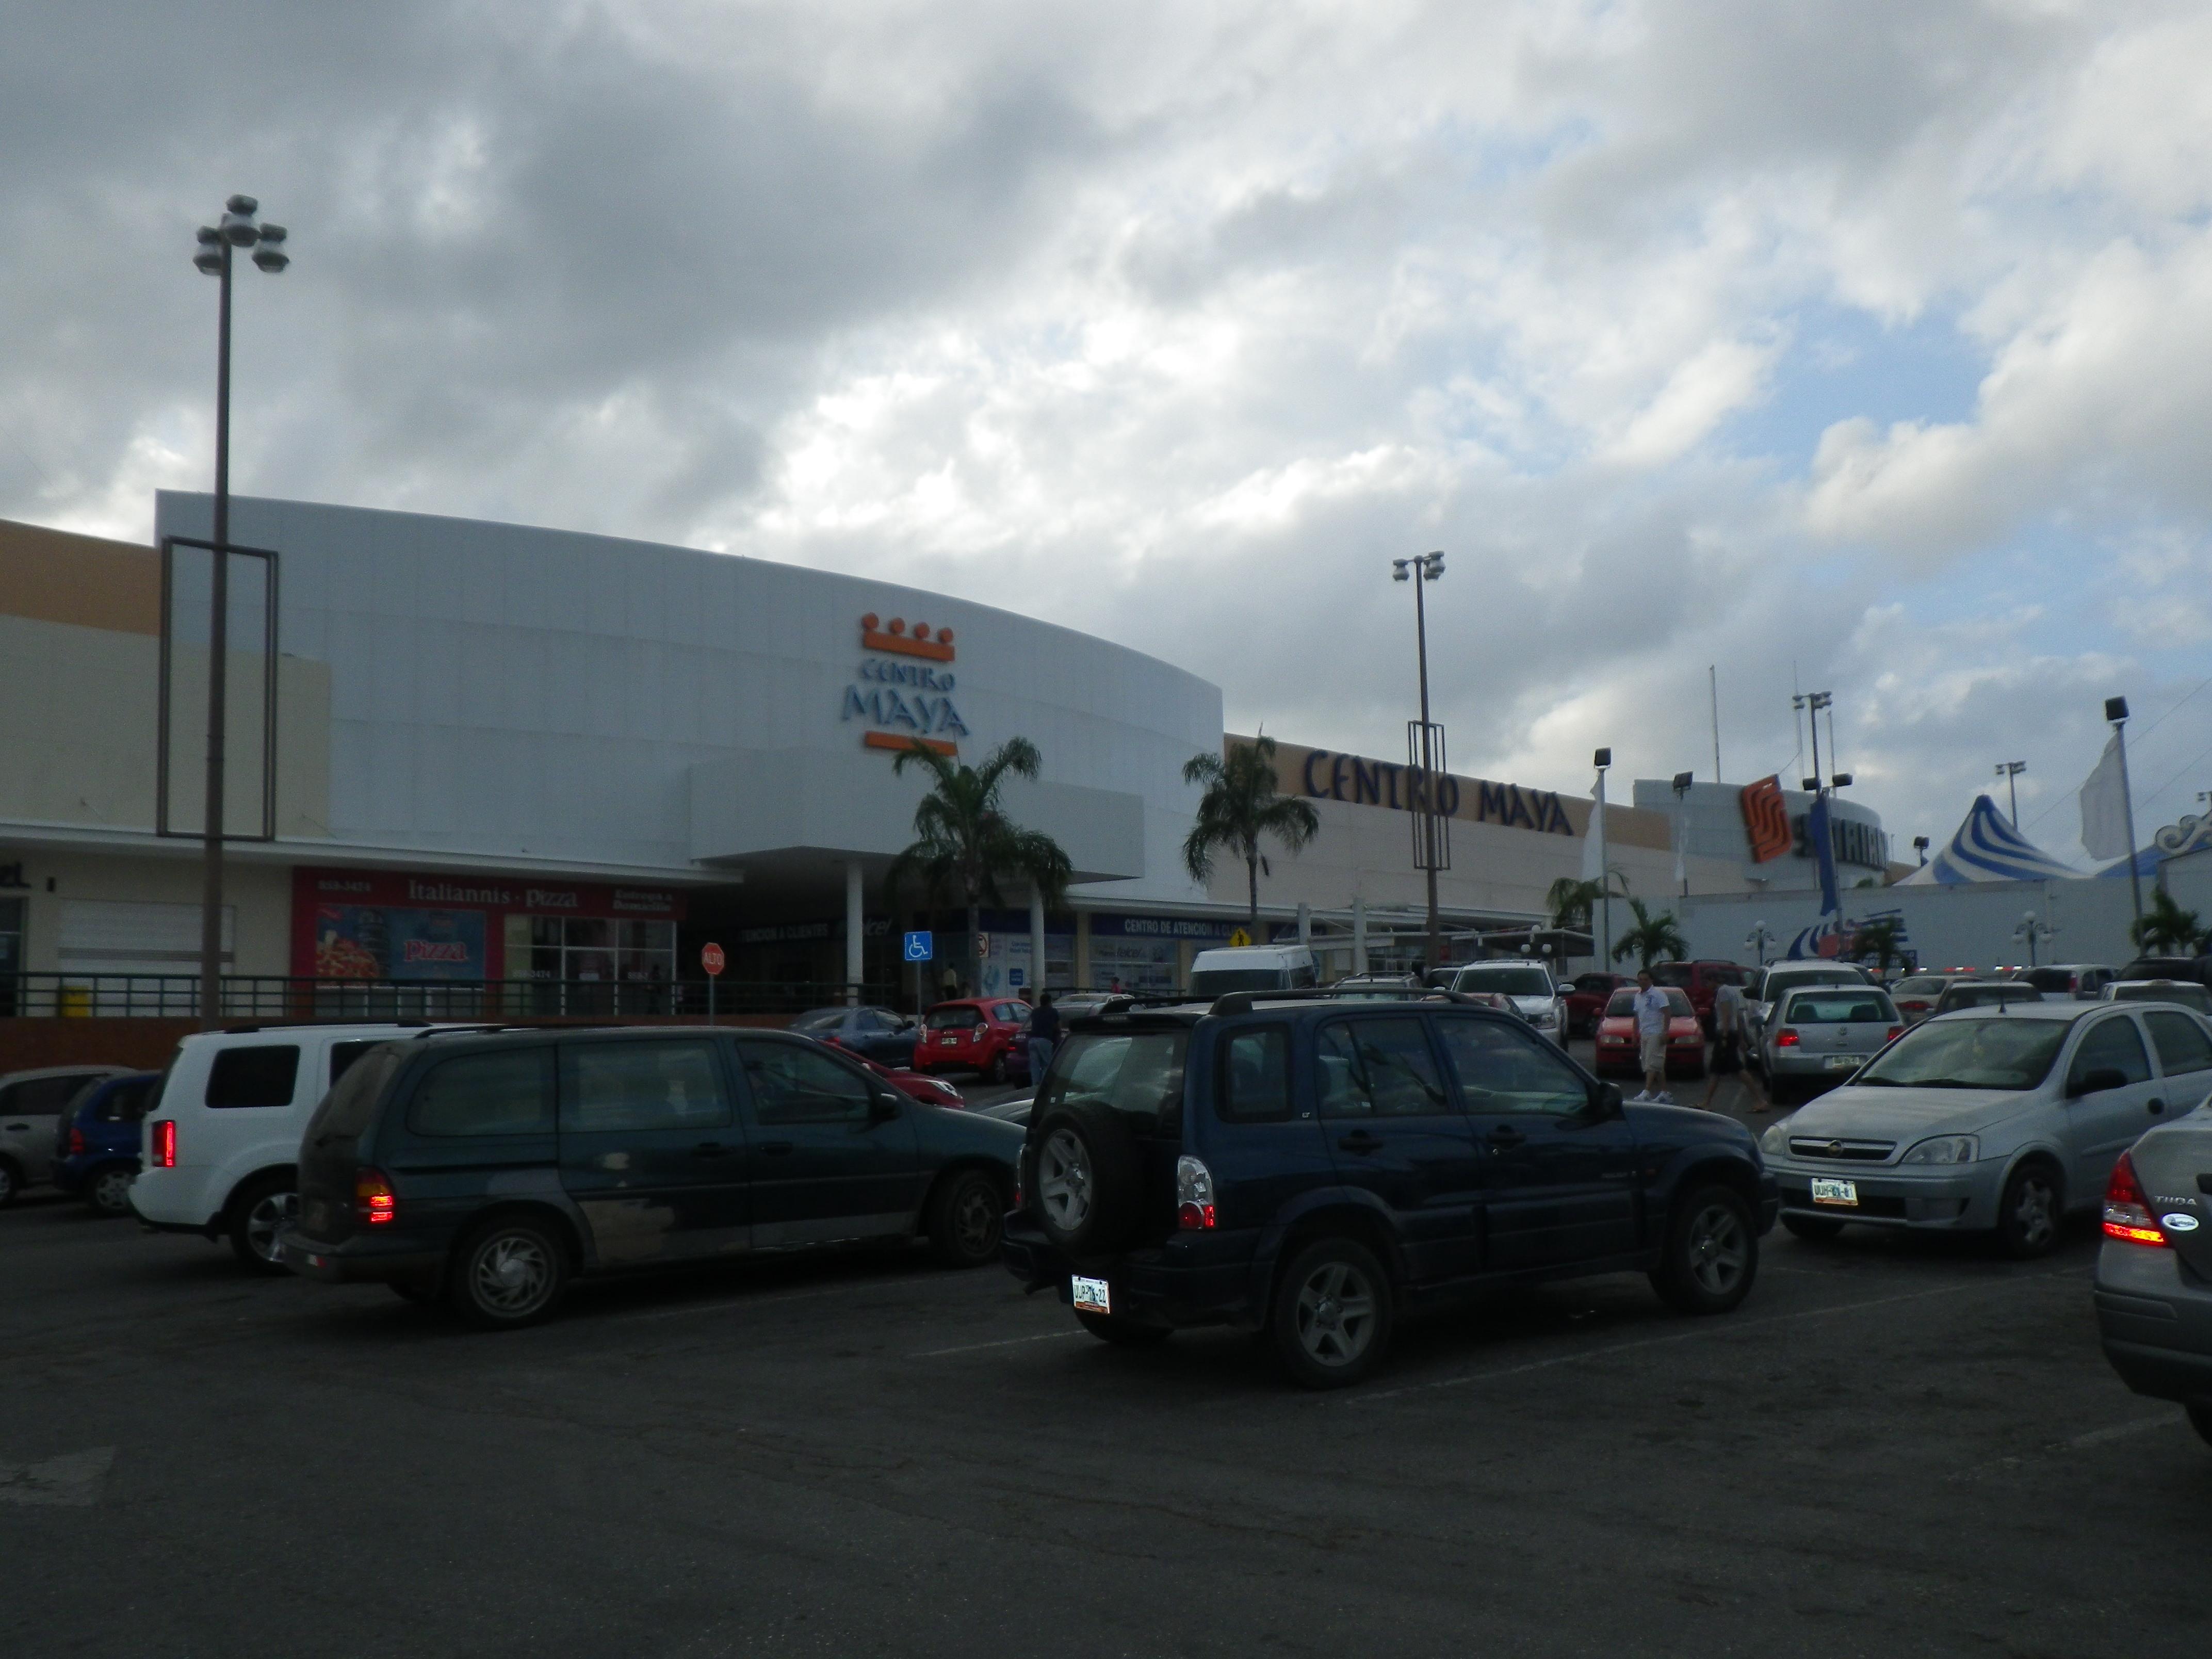 Centro Maya Mall